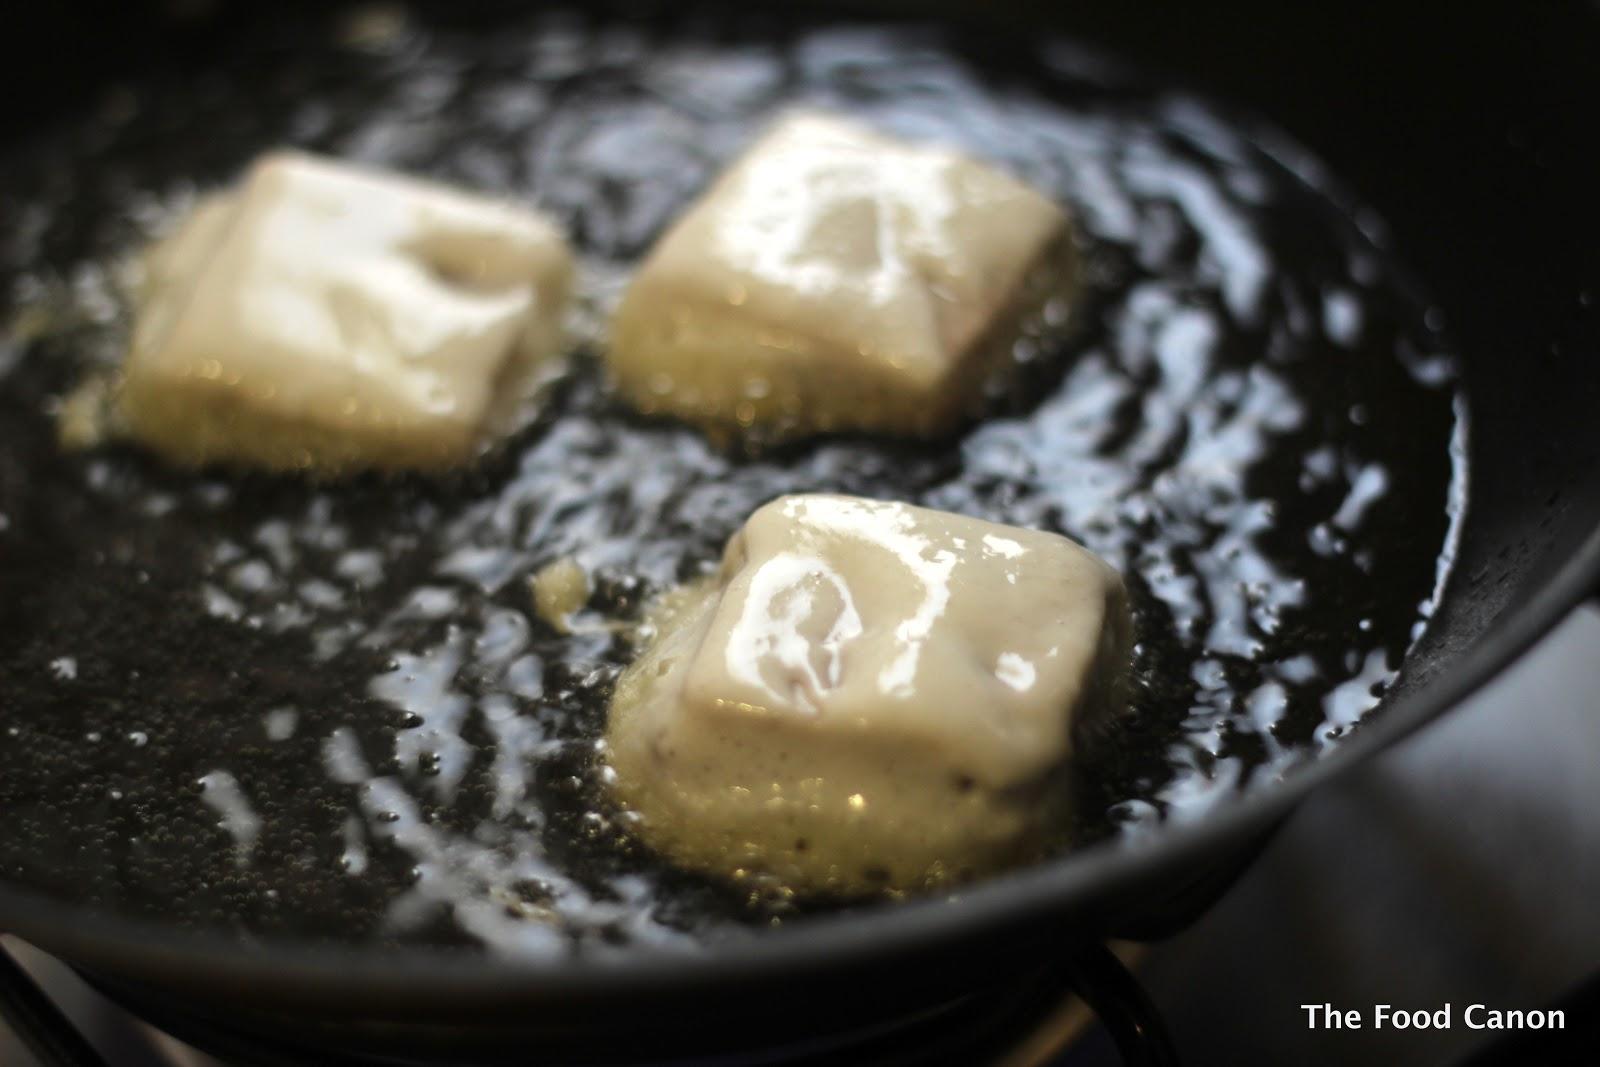 Fried Nian Gao And Yam Dessert Sticky Glutinous Rice Cake